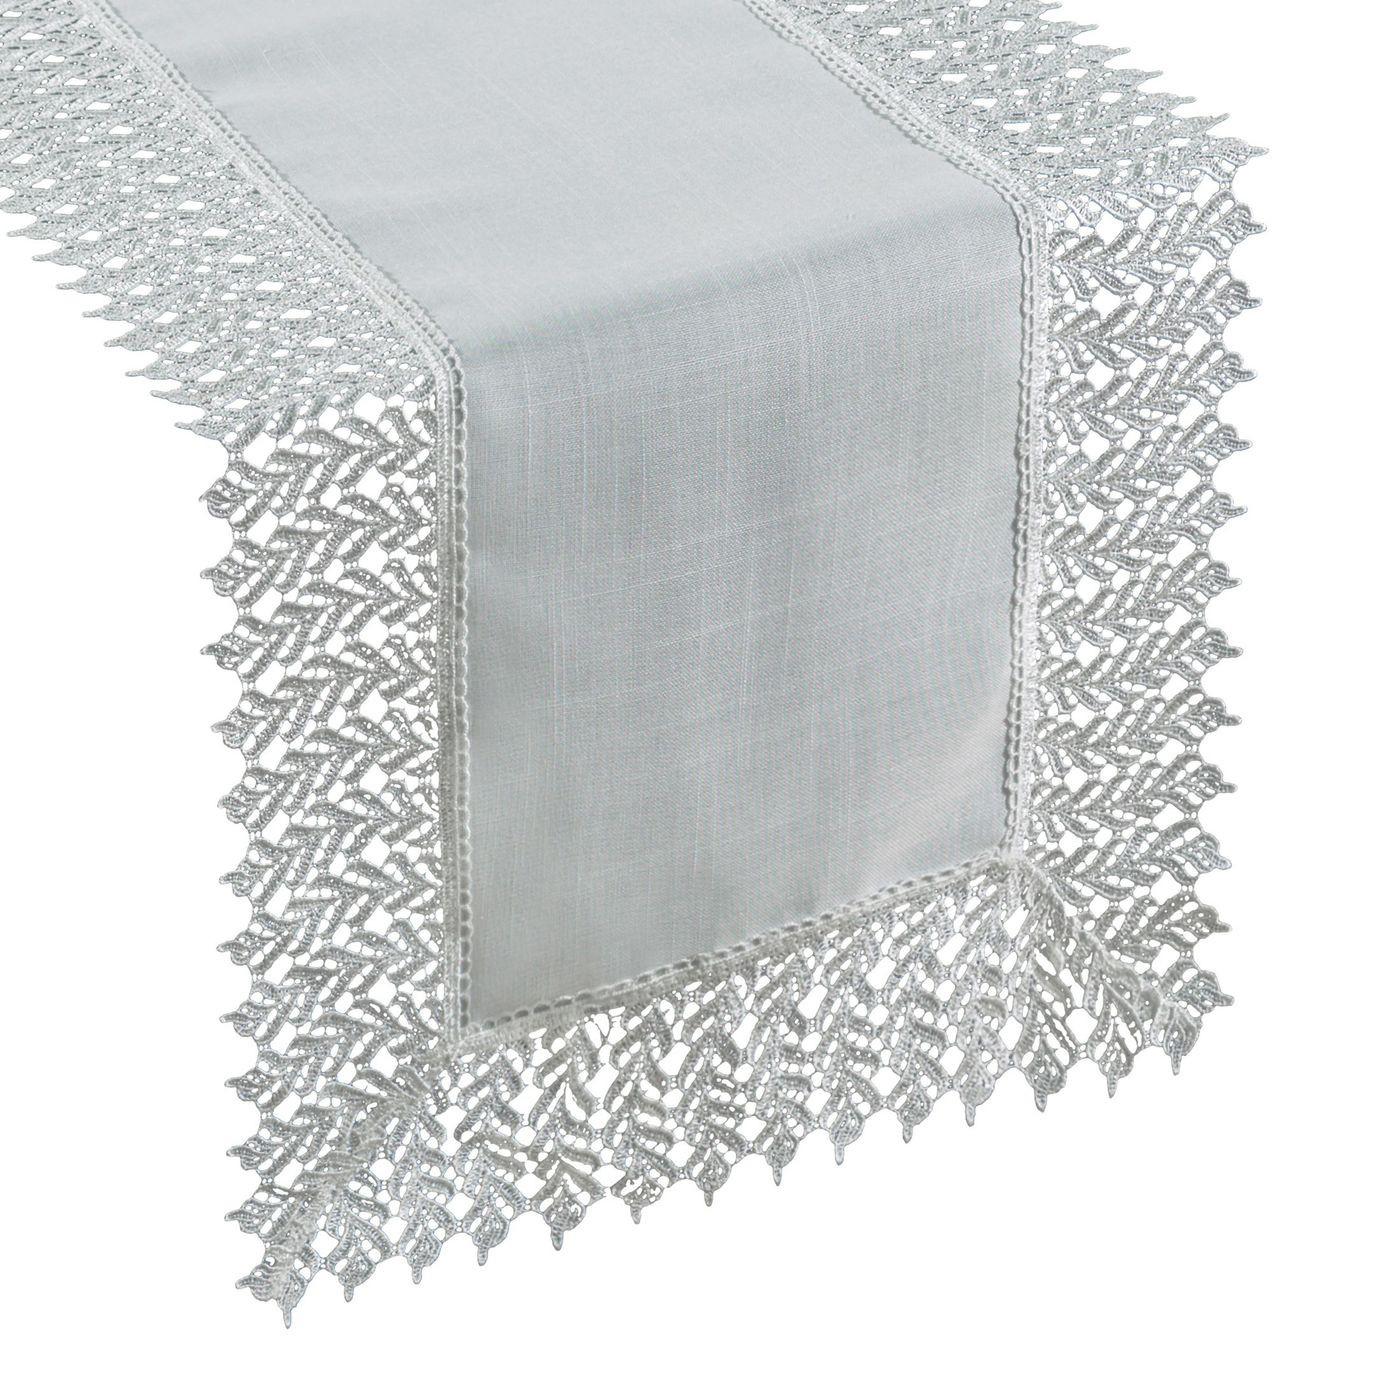 Srebrny BIEŻNIK NA STÓŁ do JADALNI gipiura 35x140 cm